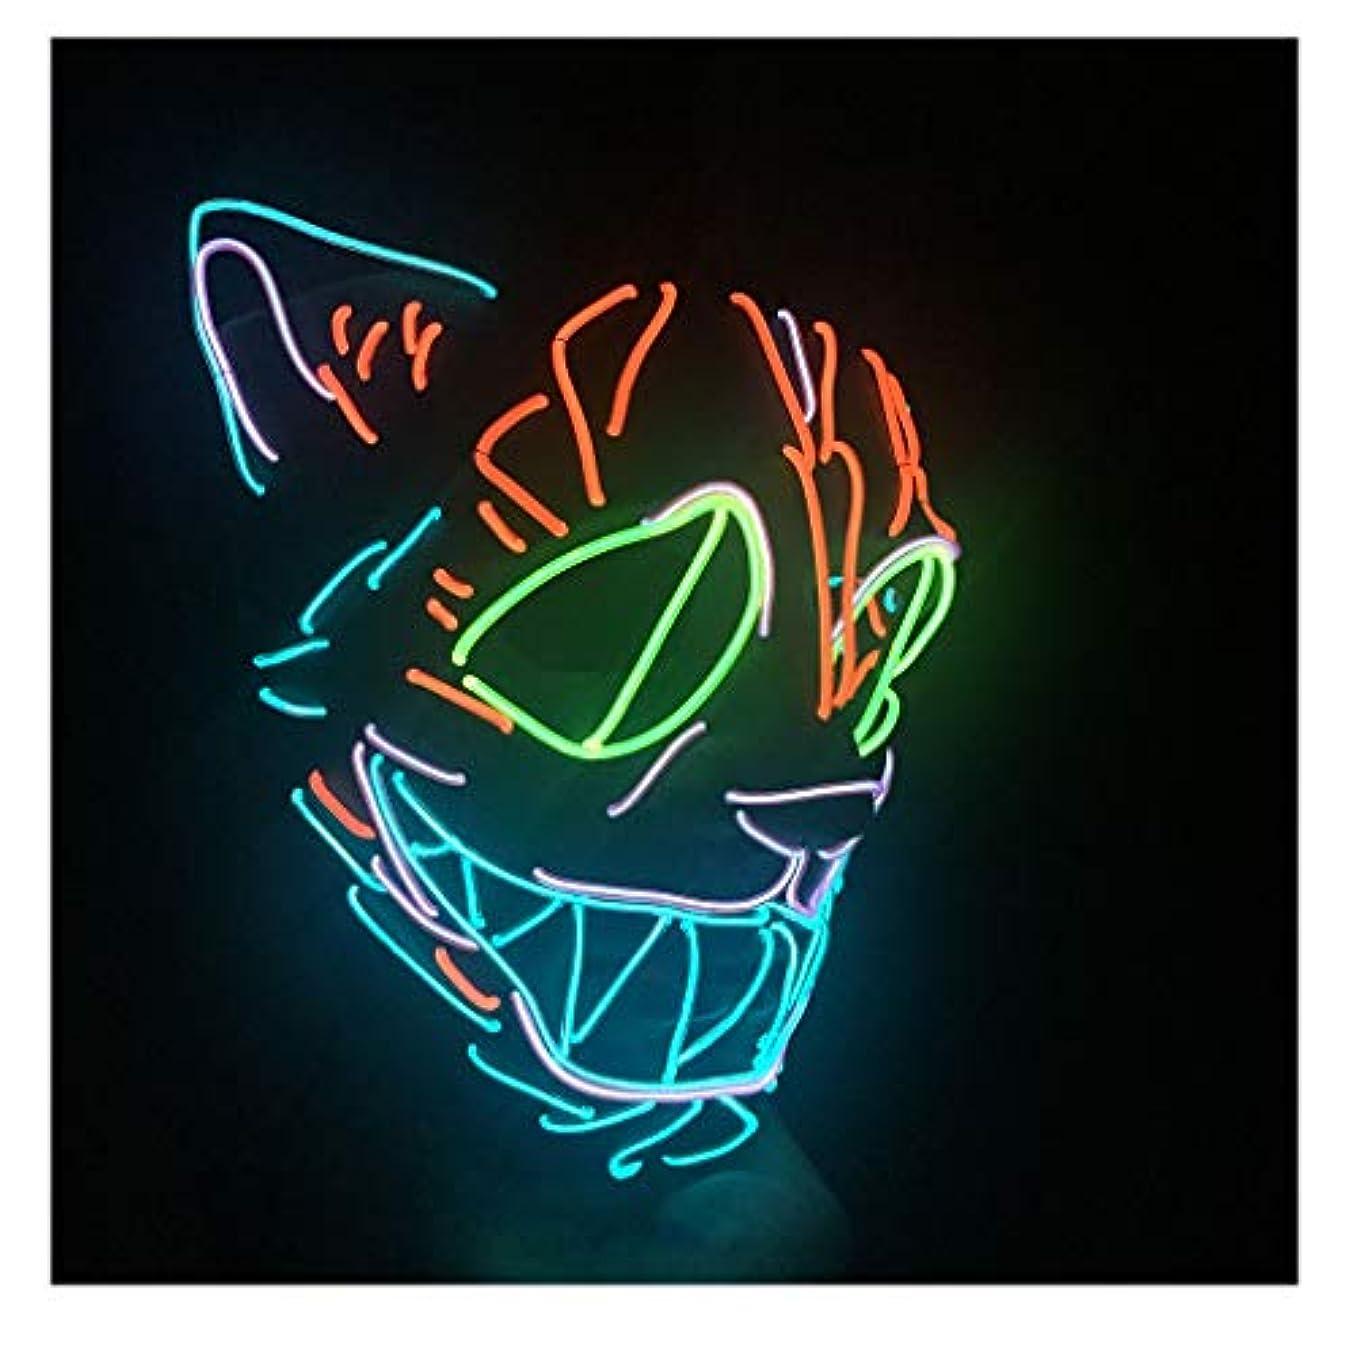 引用ゴシップ良い怖いマスクハロウィンコスプレ-コスチュームマスクライトアップフェスティバルパーティー用LEDマスクブルー,赤